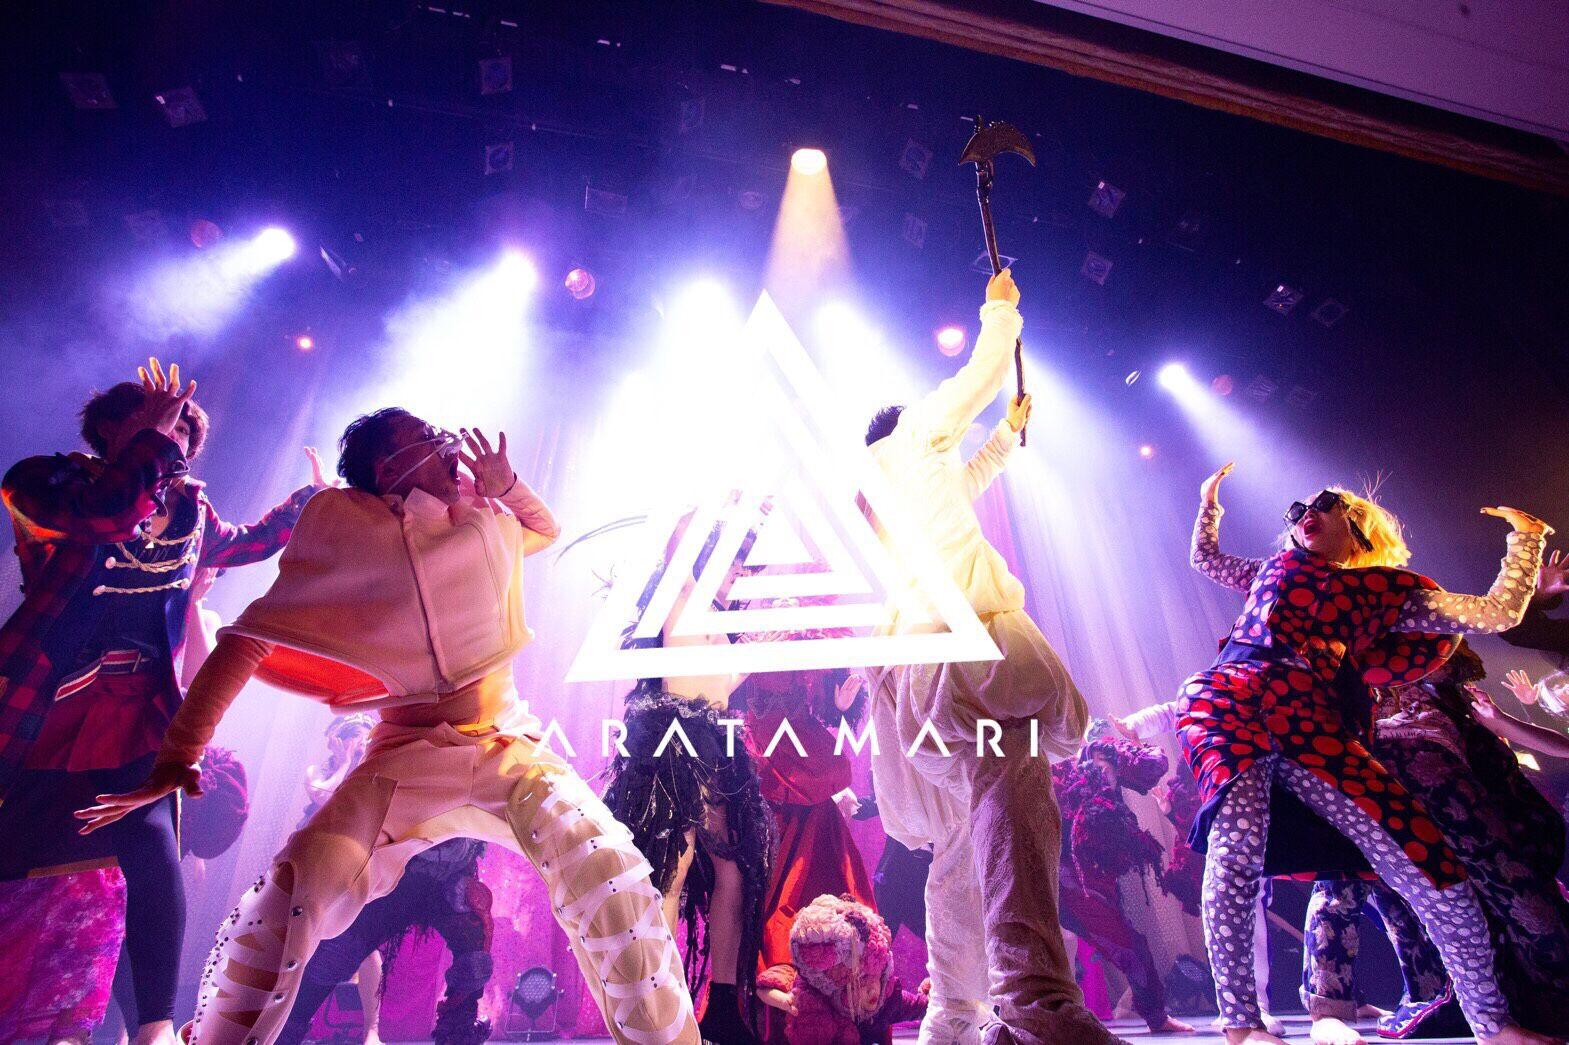 ダンサーキャストを募集!「ARATAMARI SHOW Vol.2」とは!?